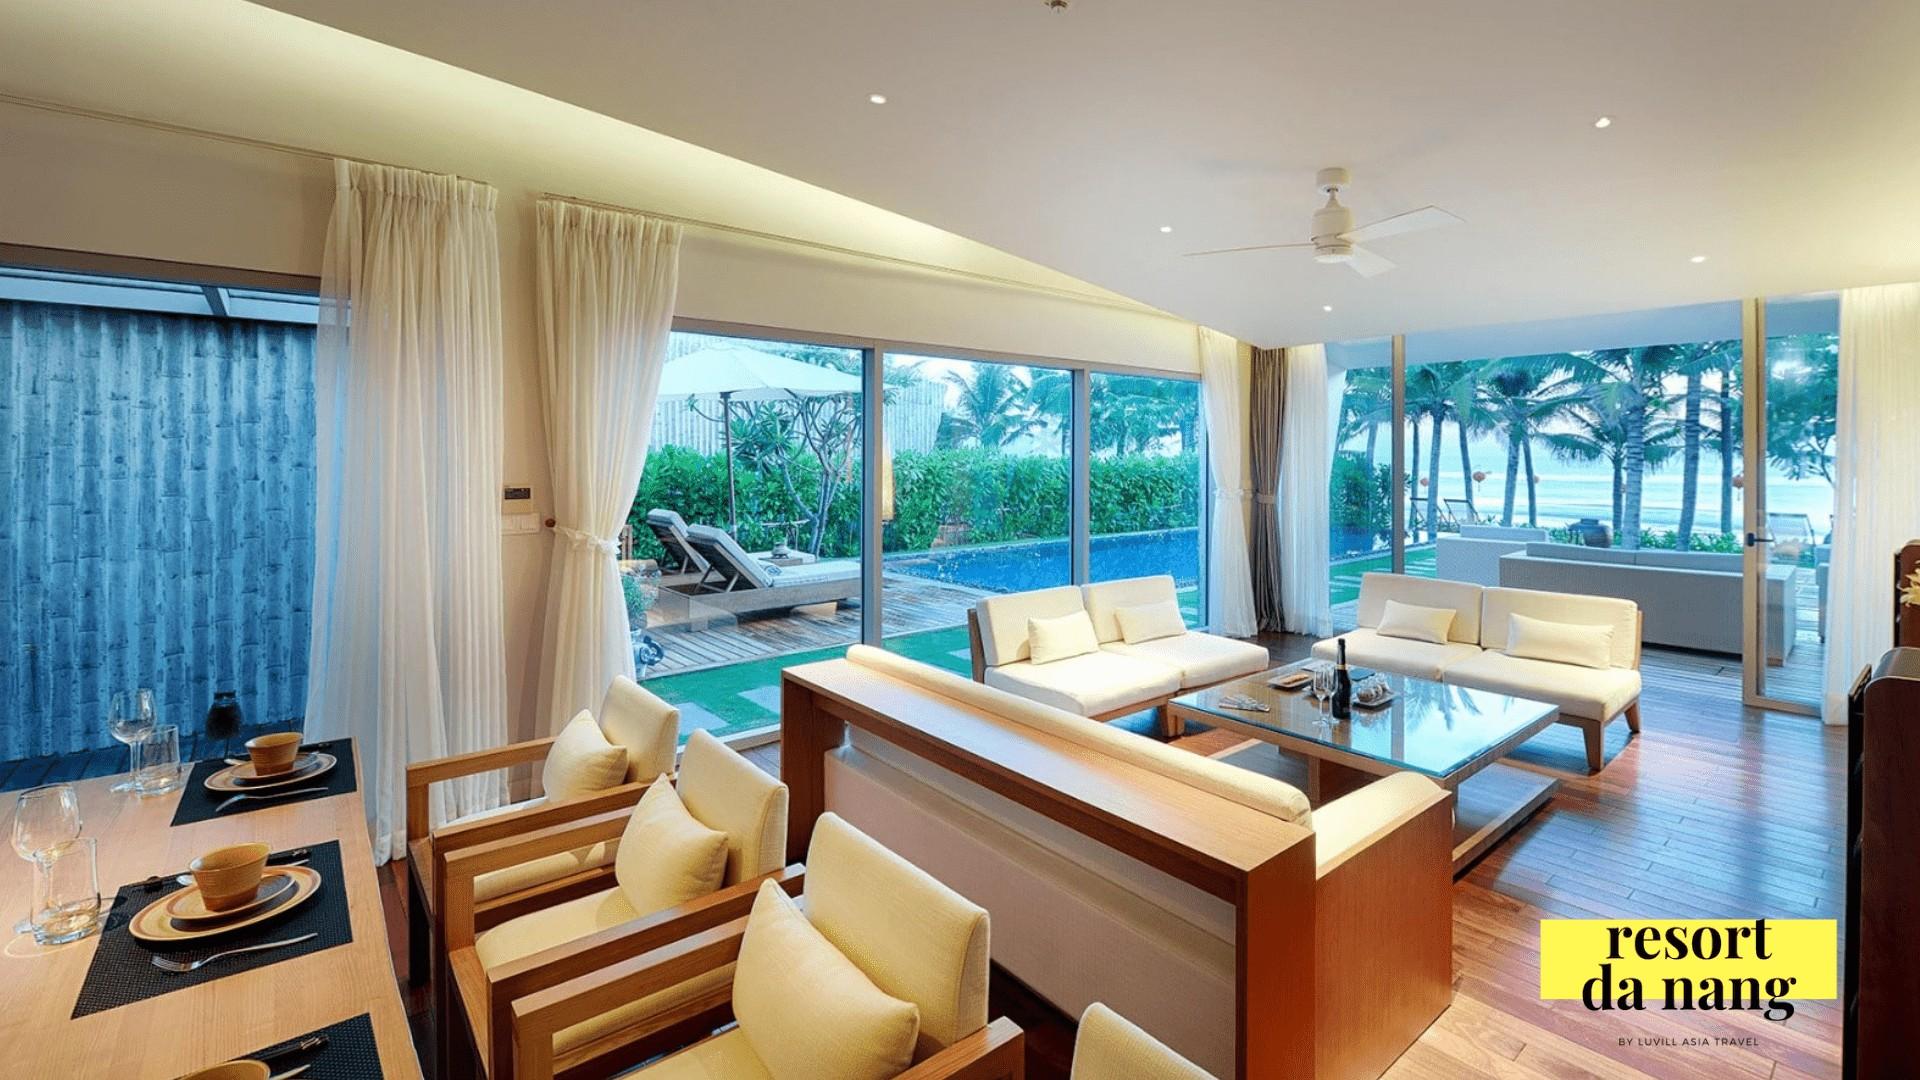 Những căn biệt thự ngay sát biển Non Nước tại Naman Resort Đà Nẵng